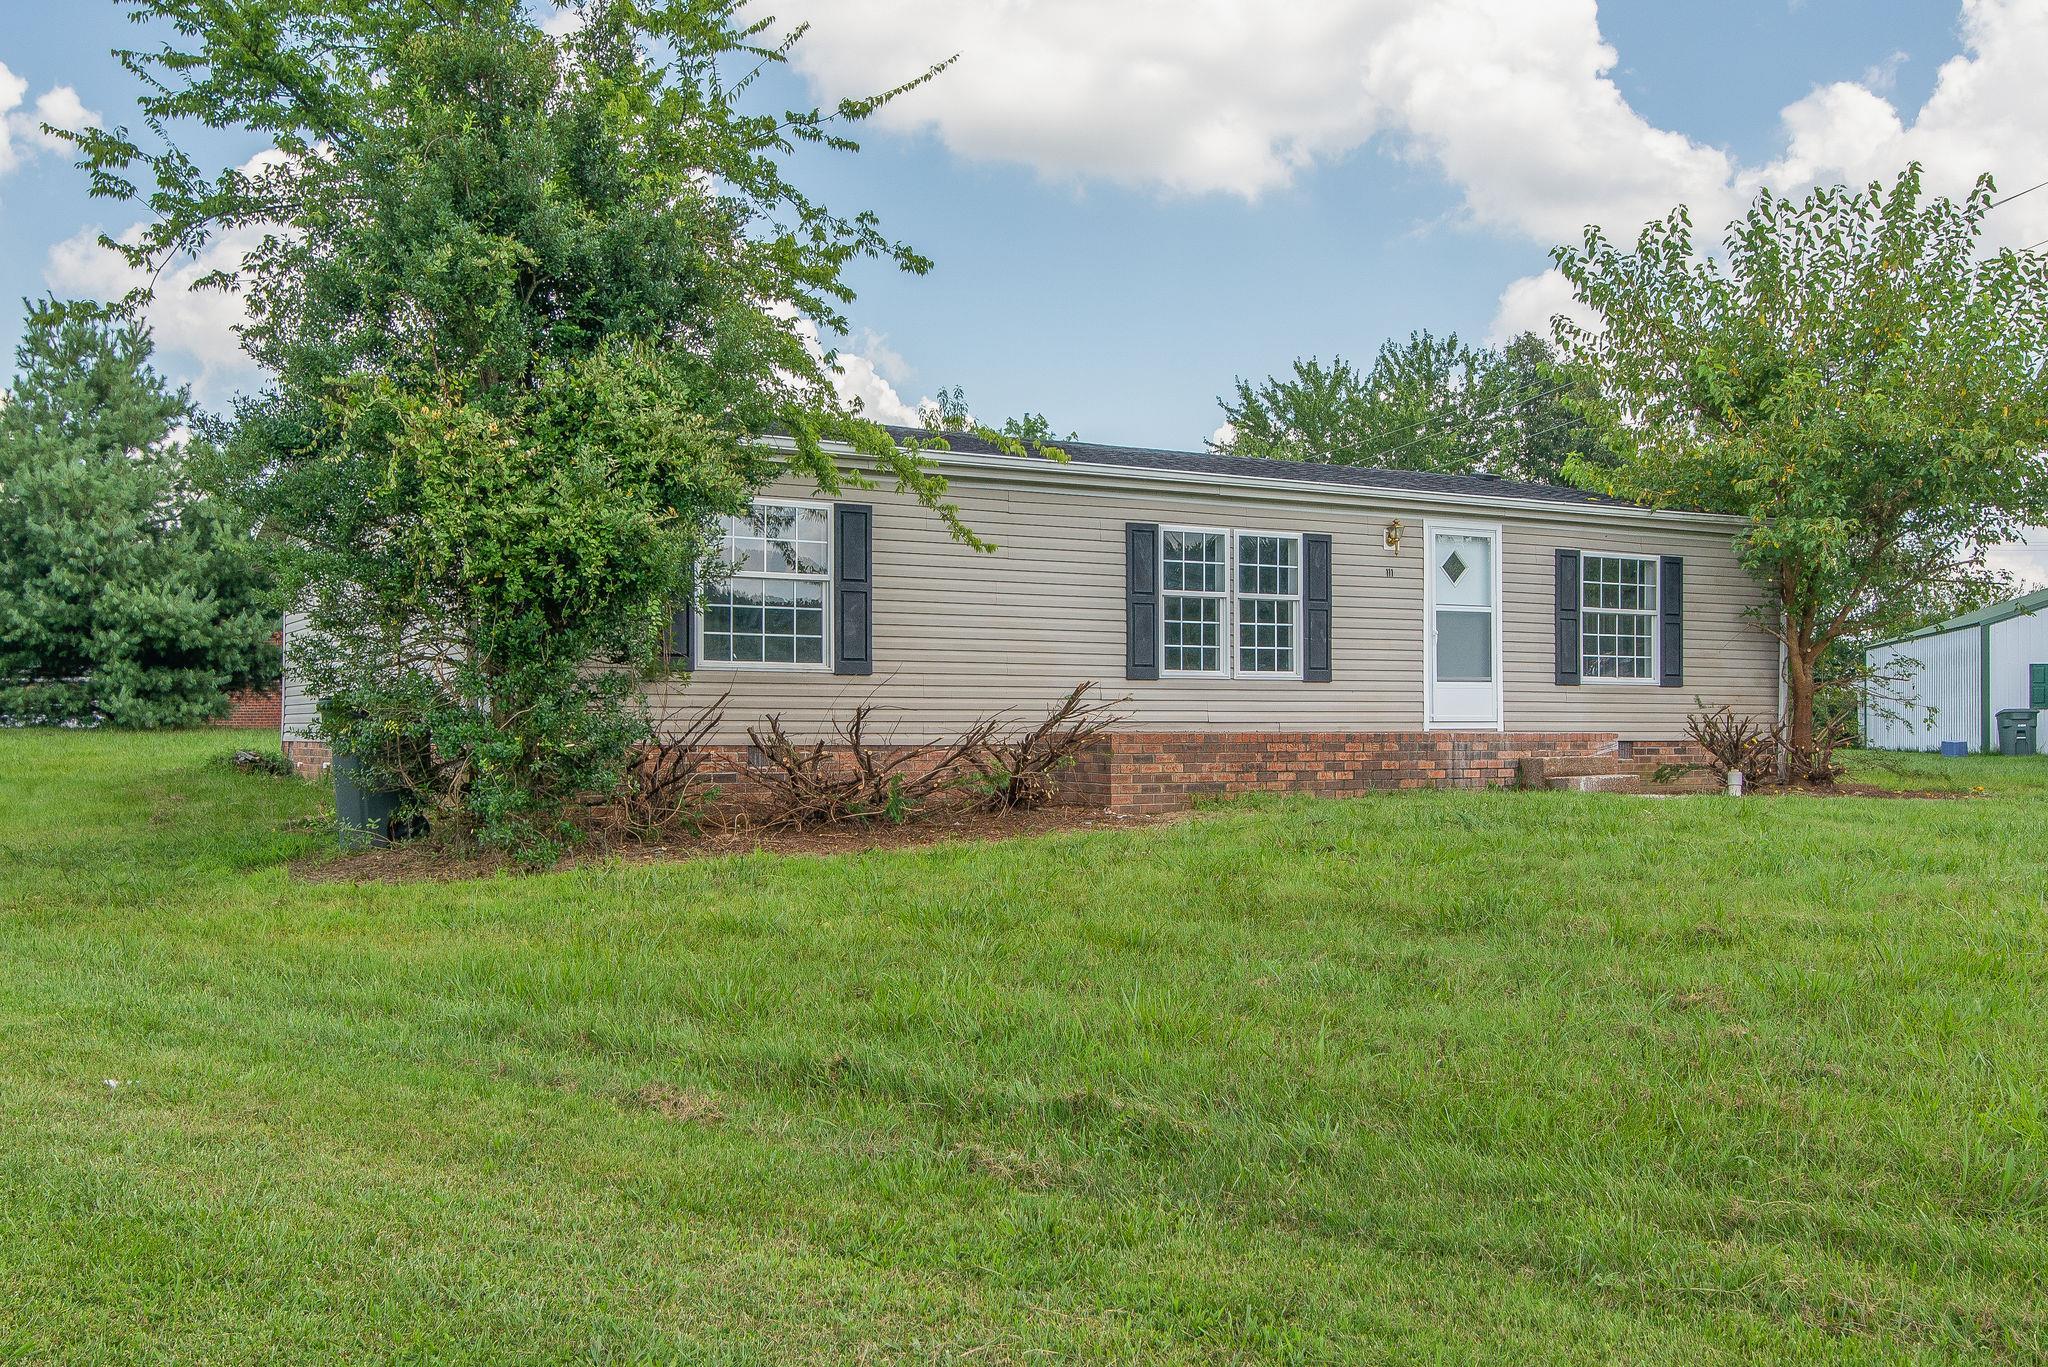 111 Bobsway Dr, Portland, TN 37148 - Portland, TN real estate listing